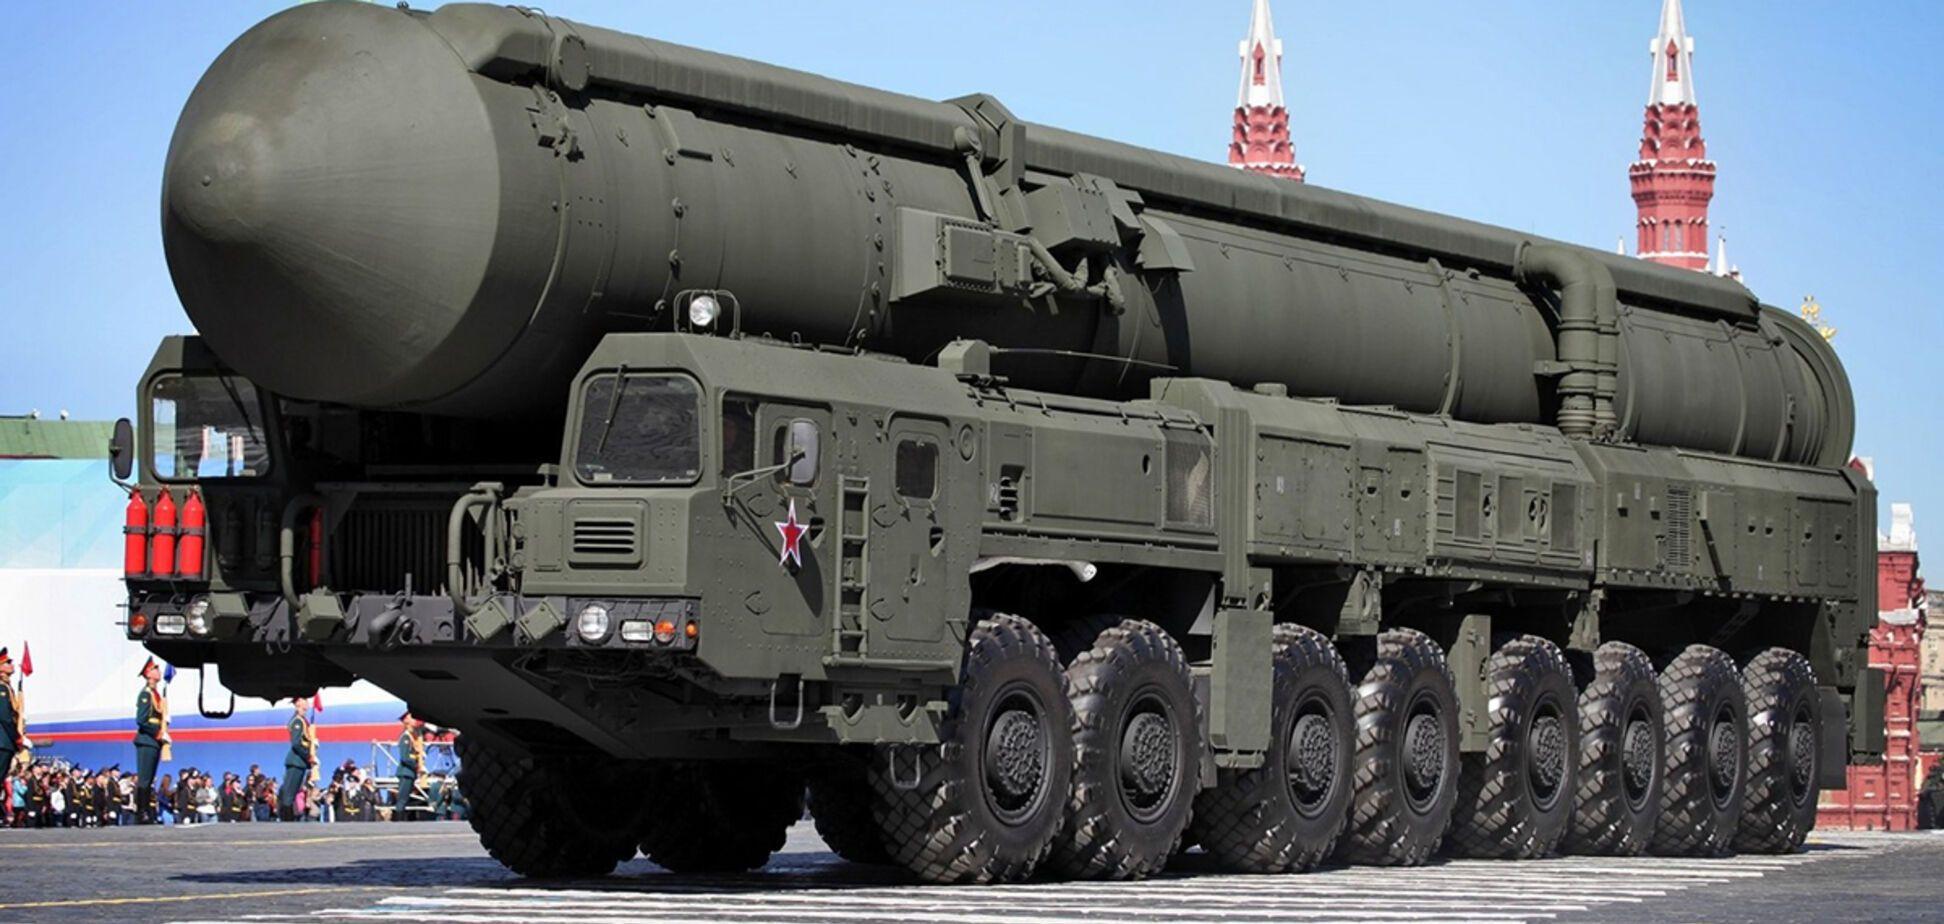 'Або РФ поверне Україні ядерну зброю': Пономарьов закликав поставити крапку в давній суперечці